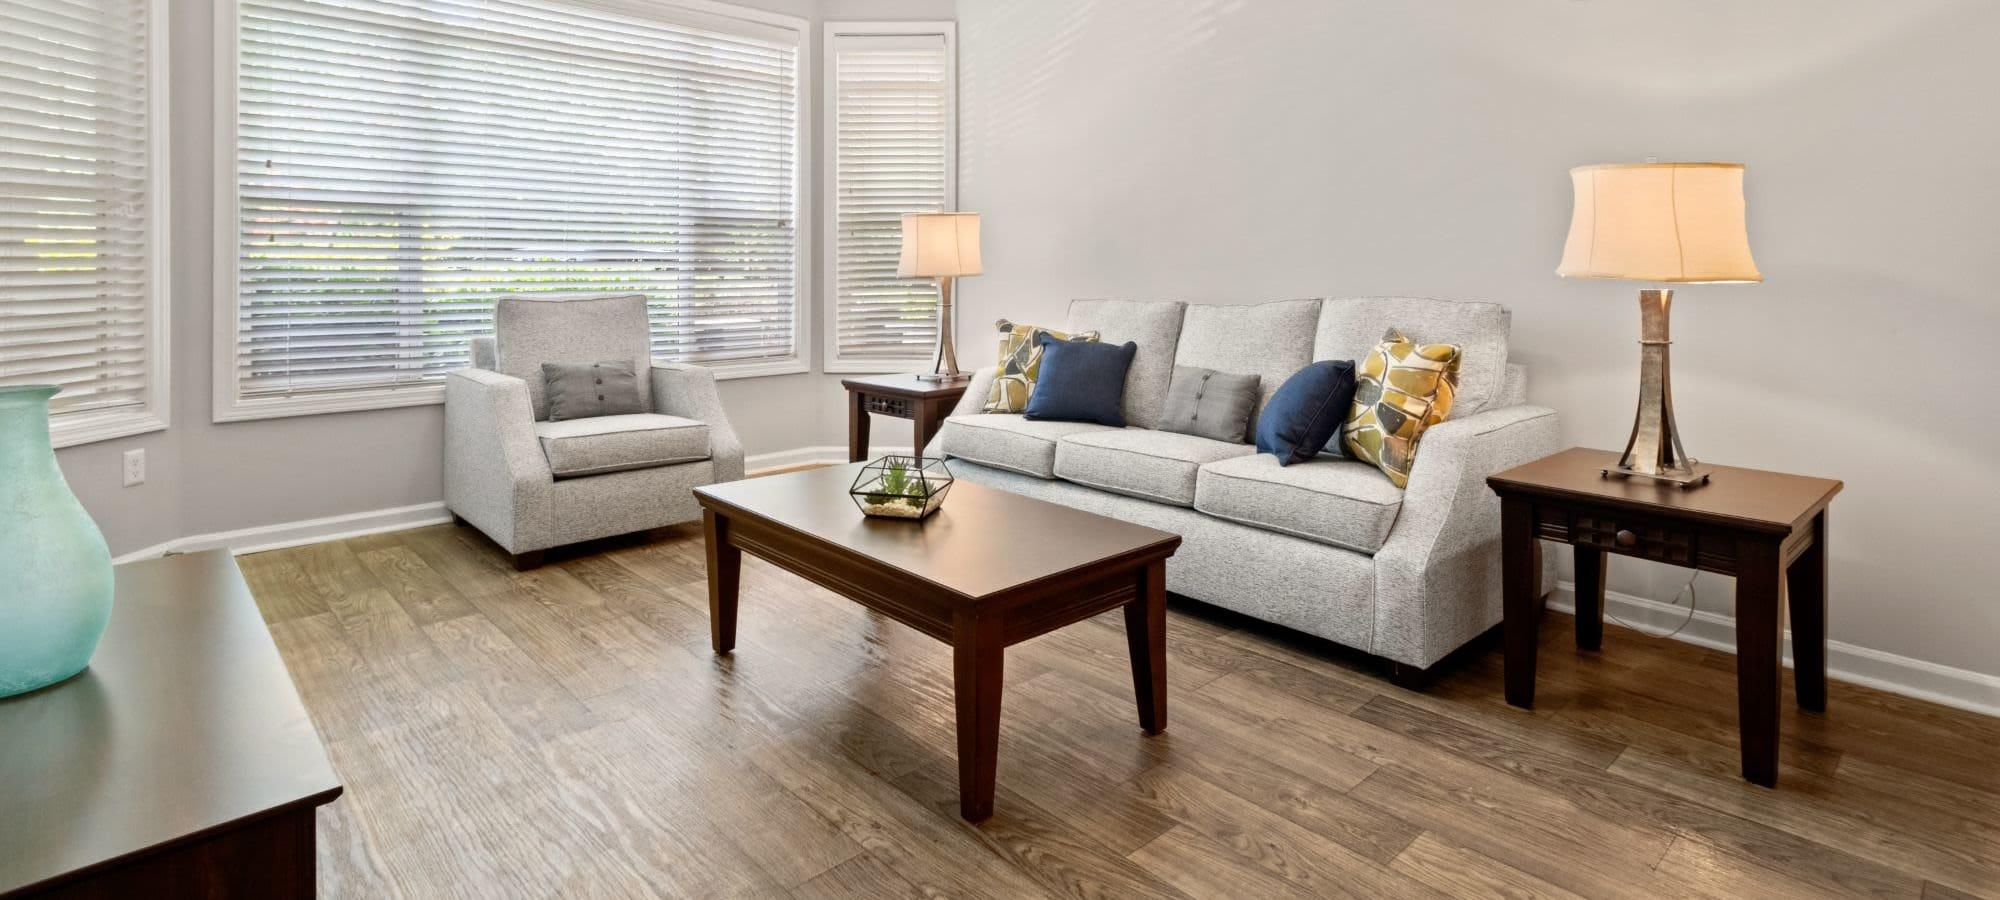 Floor plans at Marquis Midtown West in Atlanta, Georgia